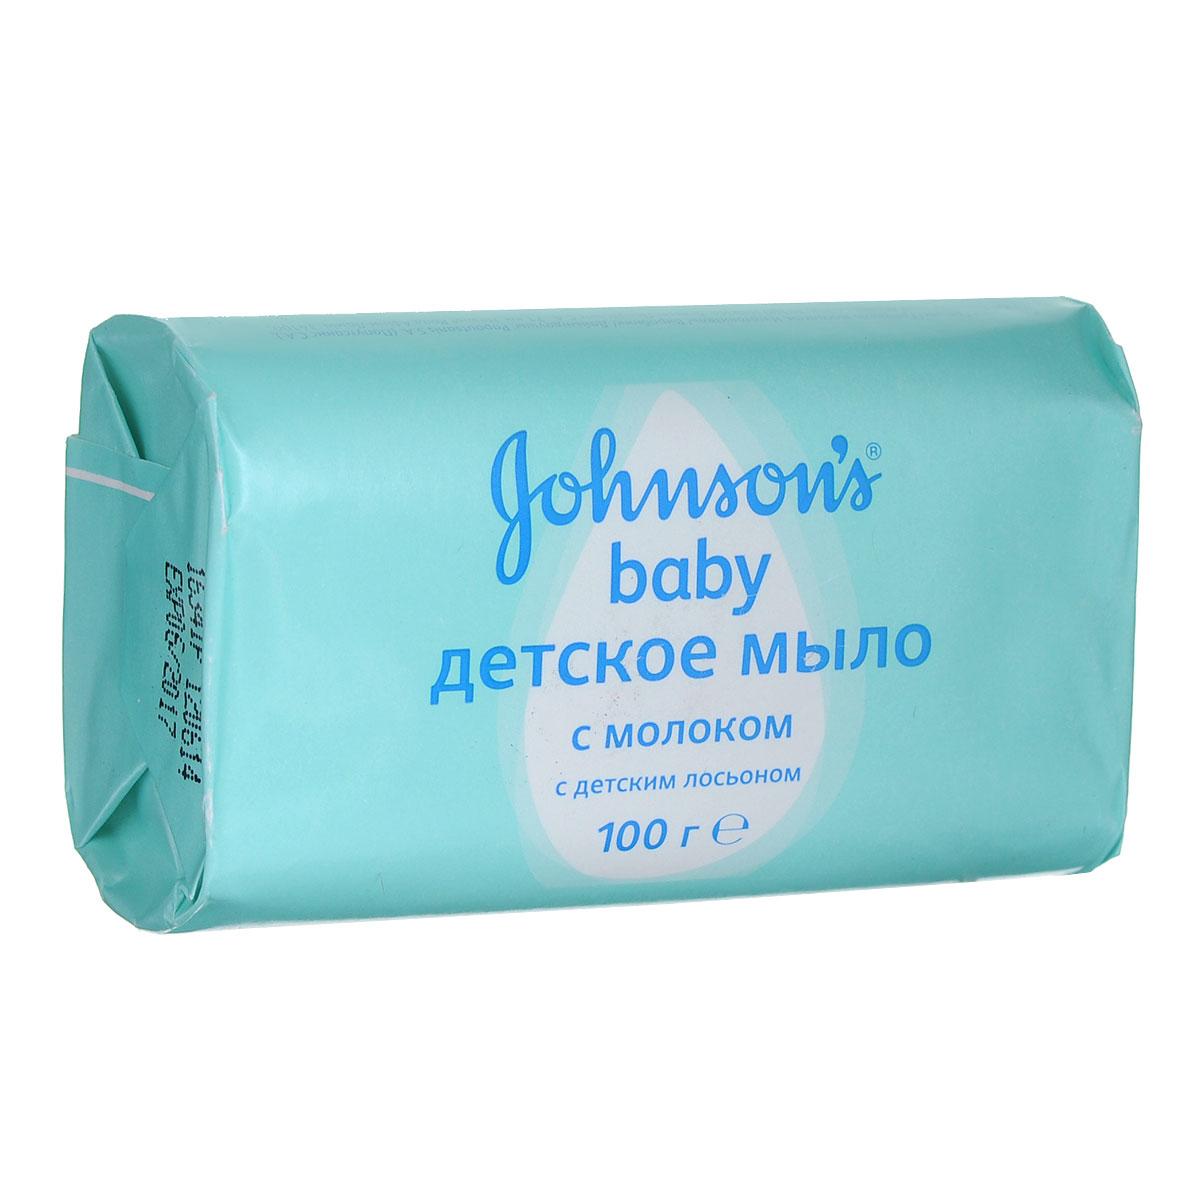 Johnsons baby Мыло детское, с молоком, 100 гSatin Hair 7 BR730MNМы любим малышей. И мы понимаем, что кожа младенцев еще не до конца сформировалась и быстро теряет влагу. Вот почему детское мыло JOHNSONS Baby с молоком содержит нежные смягчающие и увлажняющие компоненты, которые помогают сохранить детскую кожу мягкой.Товар сертифицирован.